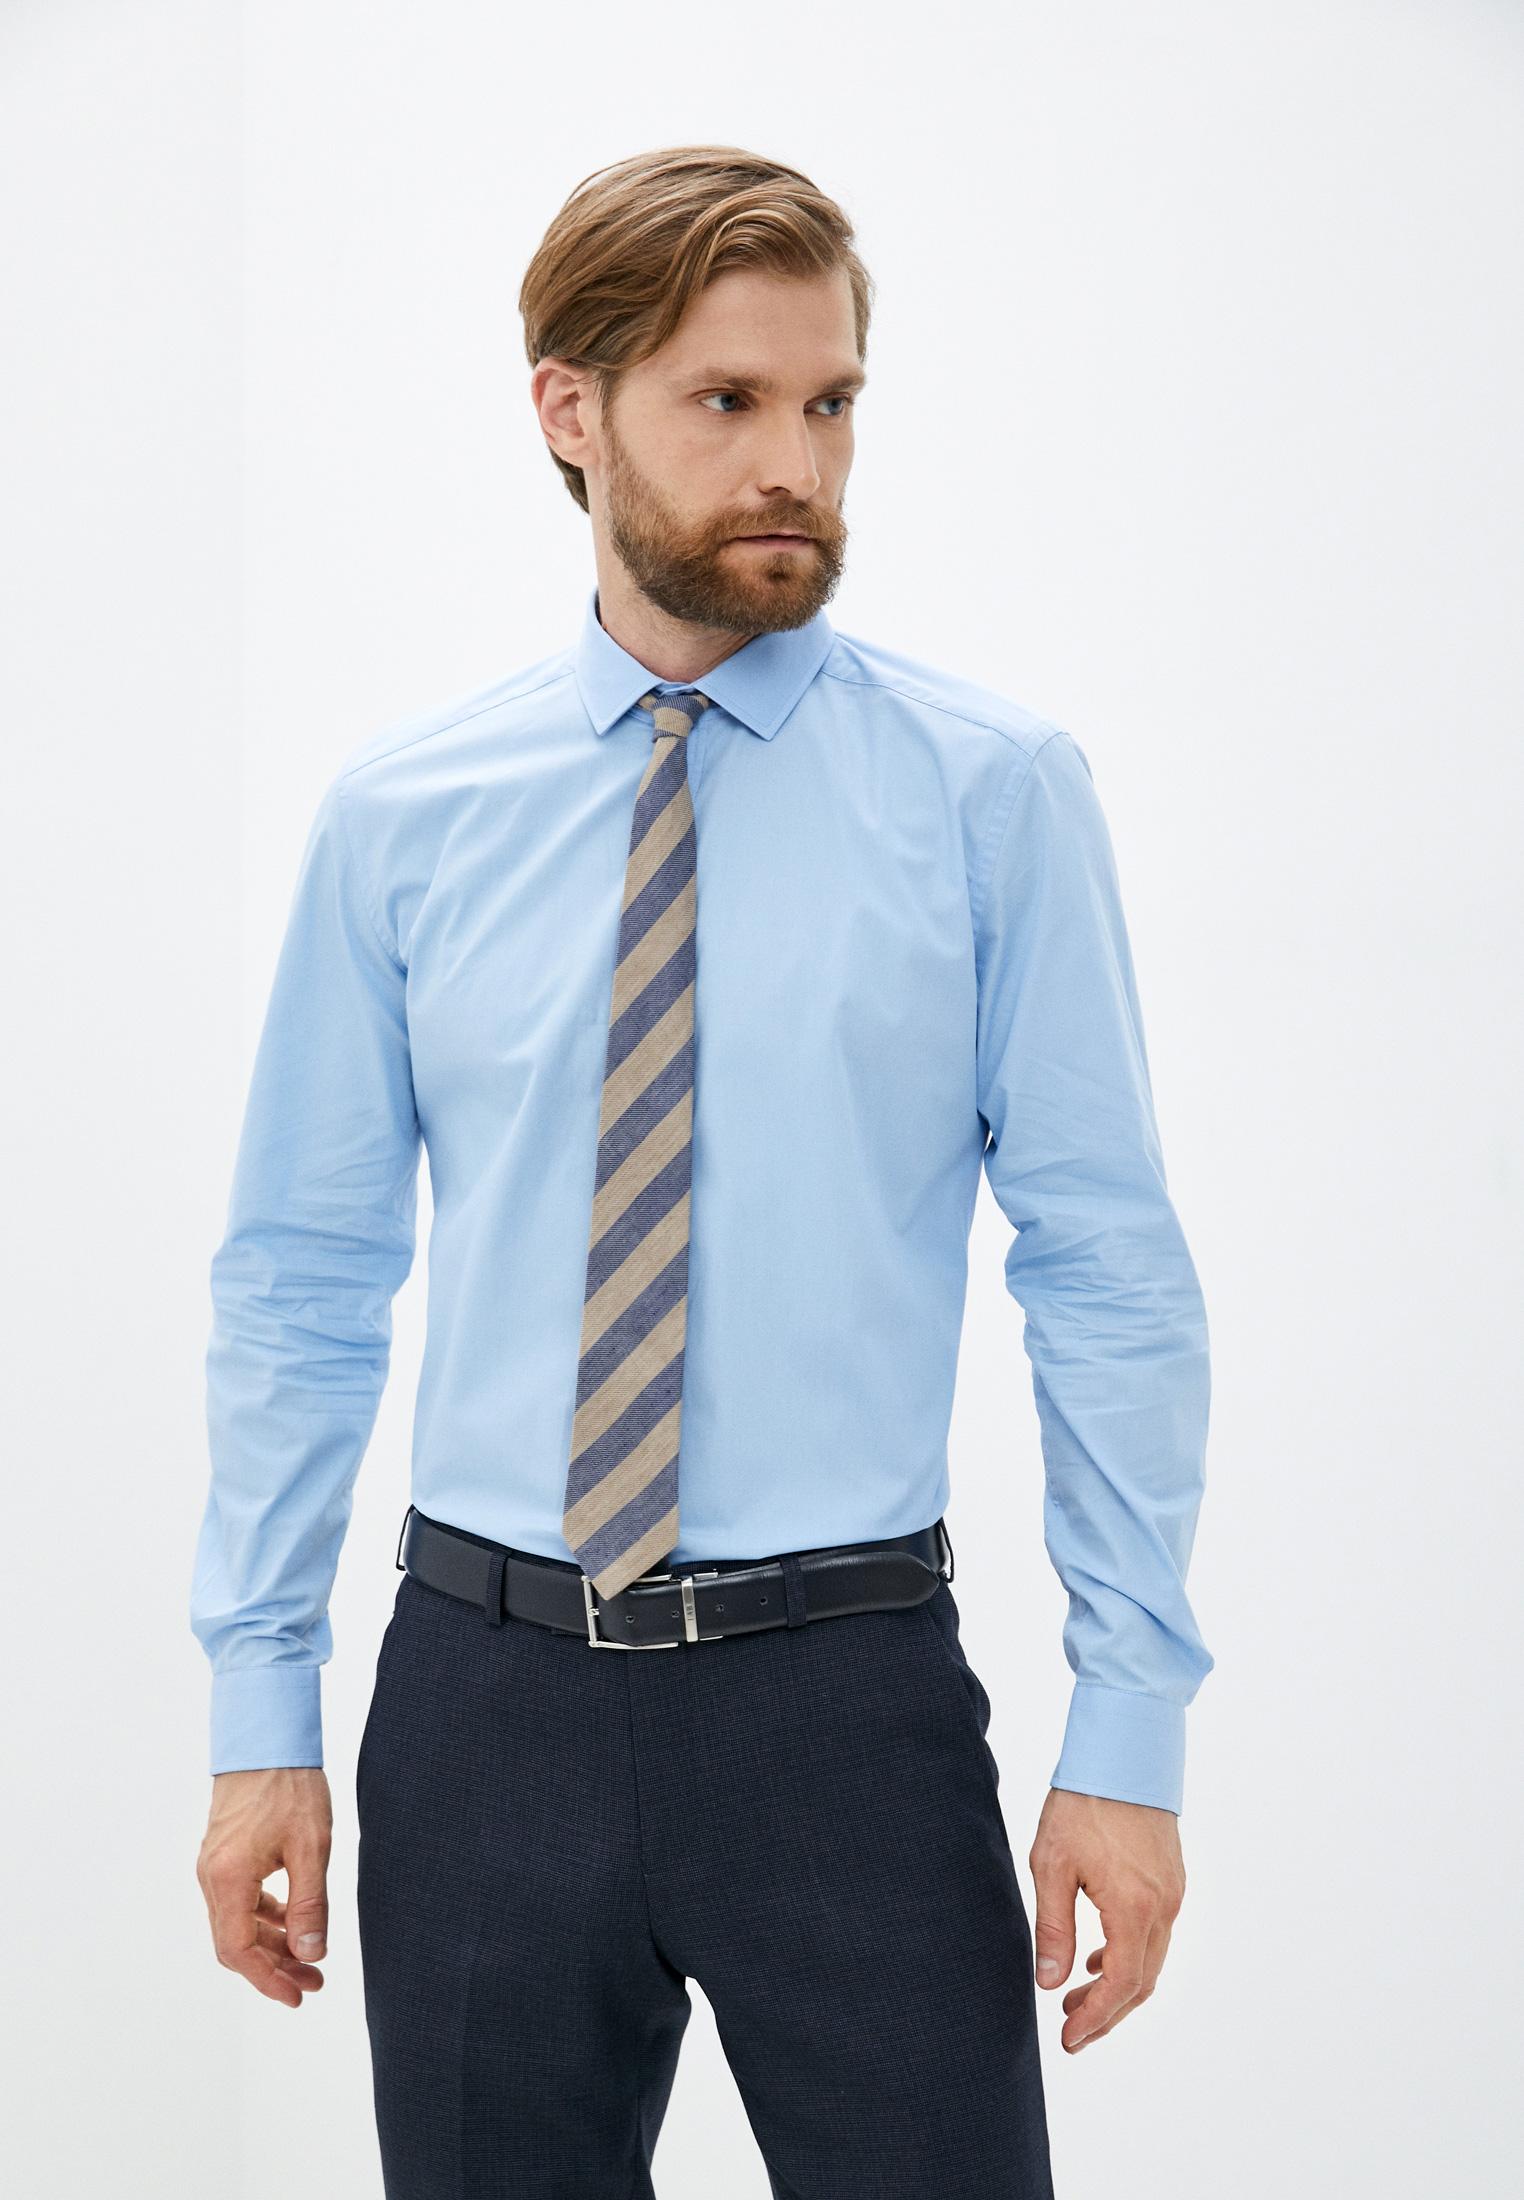 Рубашка с длинным рукавом Basics & More BA521851